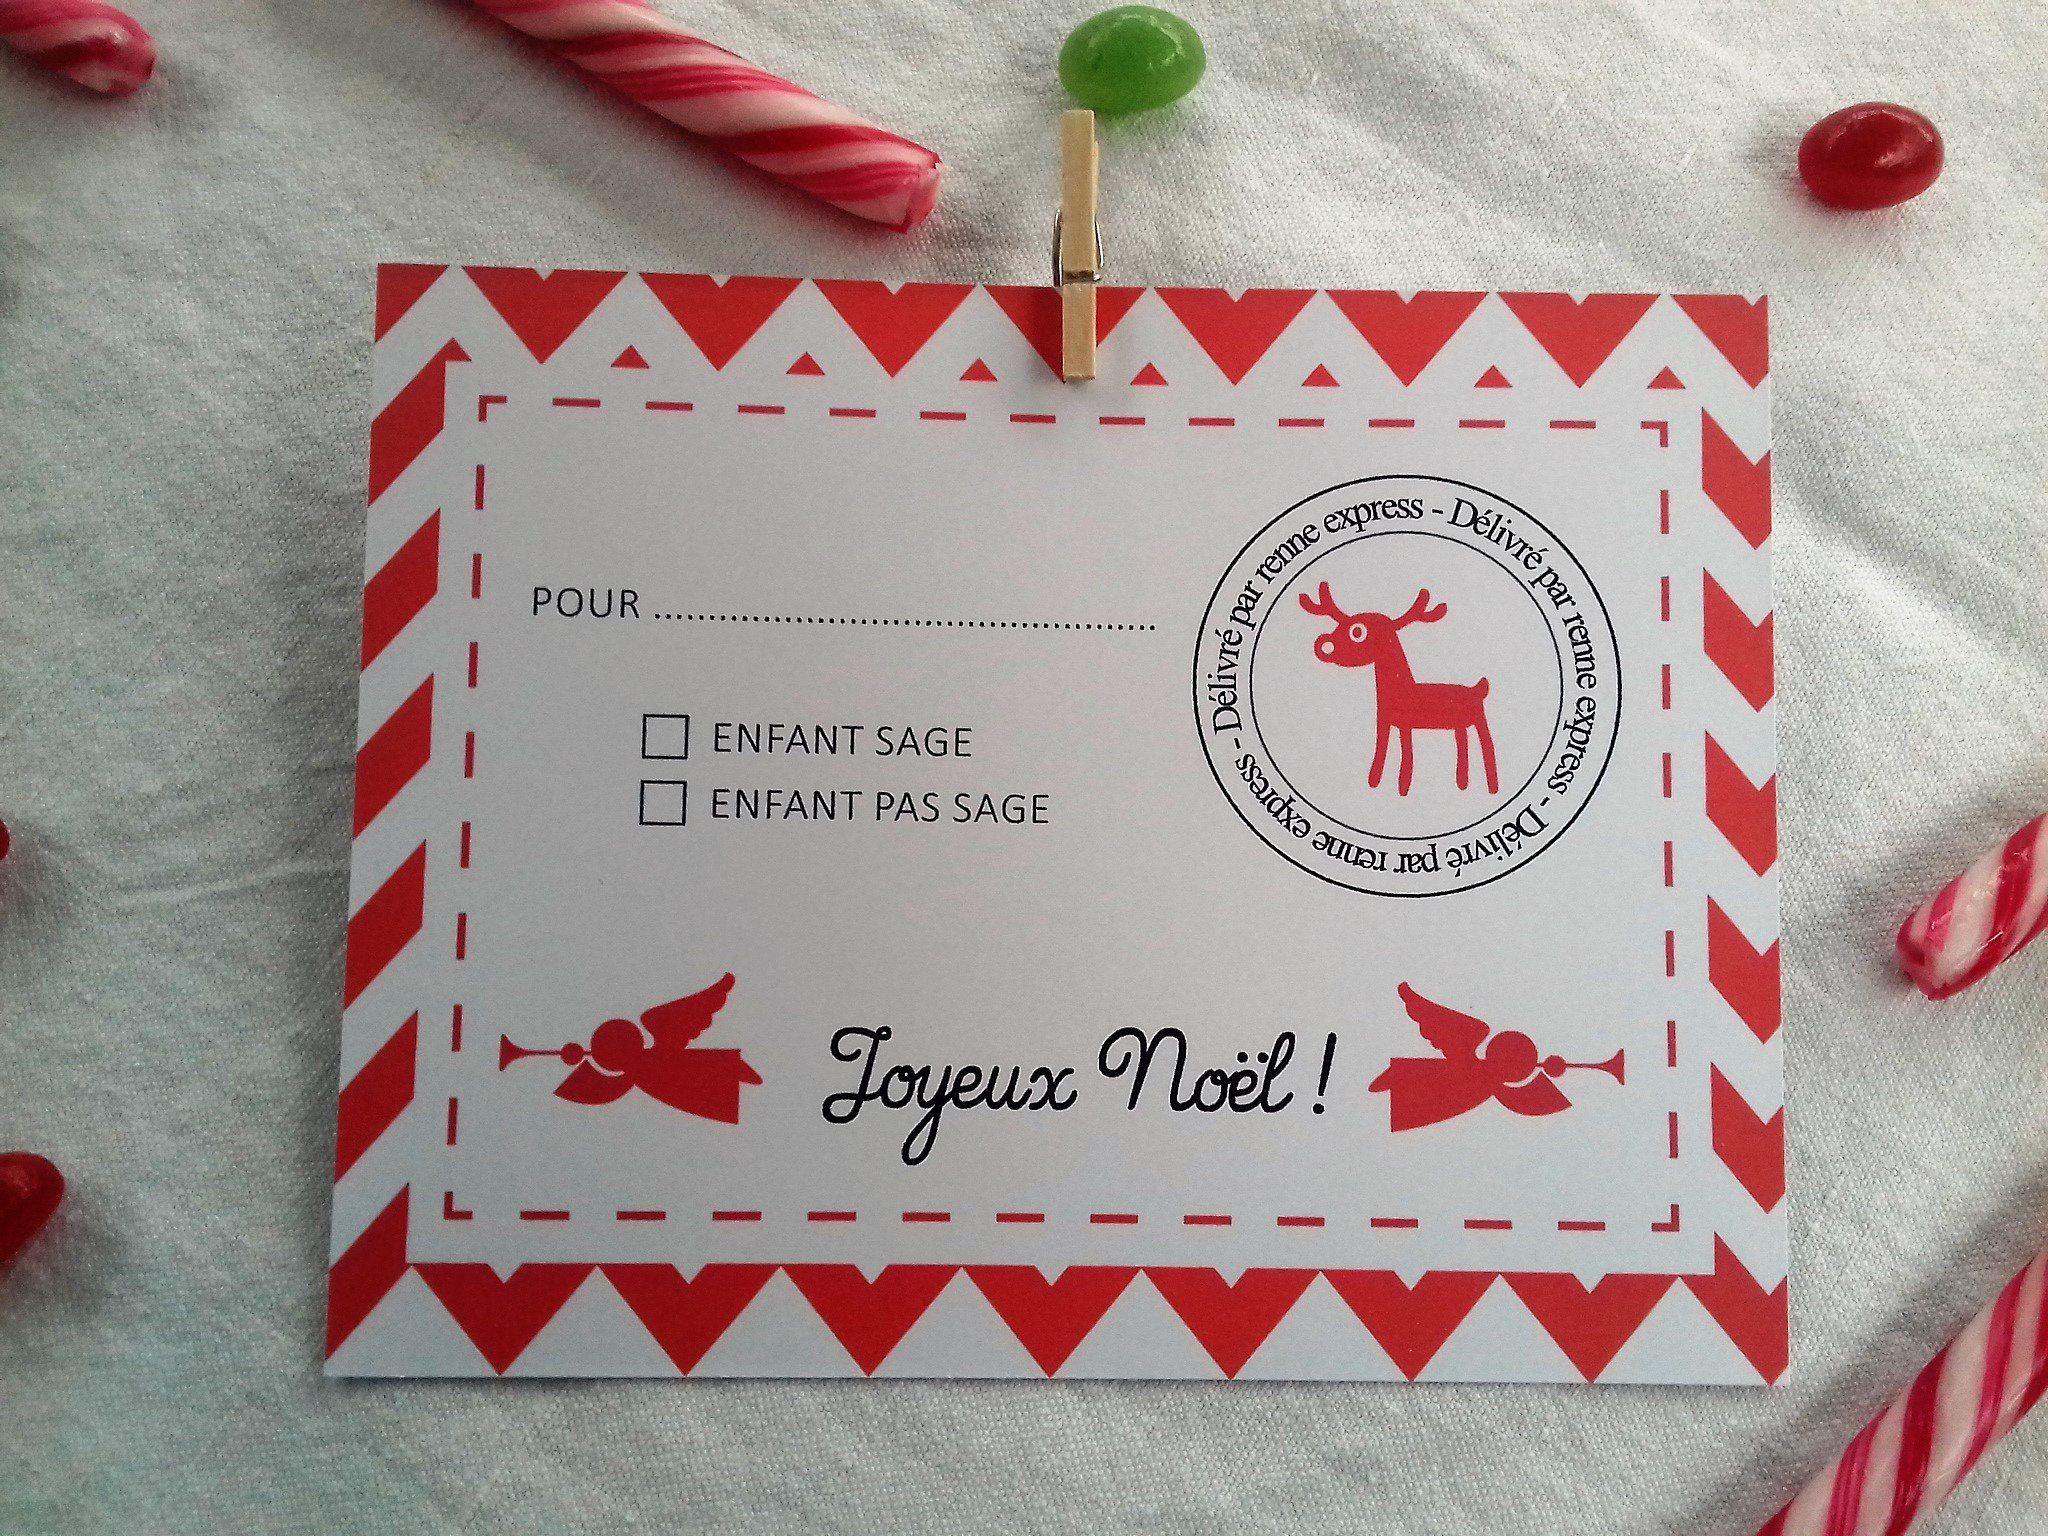 Kit De Décoration | Cartes De Noël Pour Enfants, Carte intérieur Carte Joyeux Noel À Imprimer